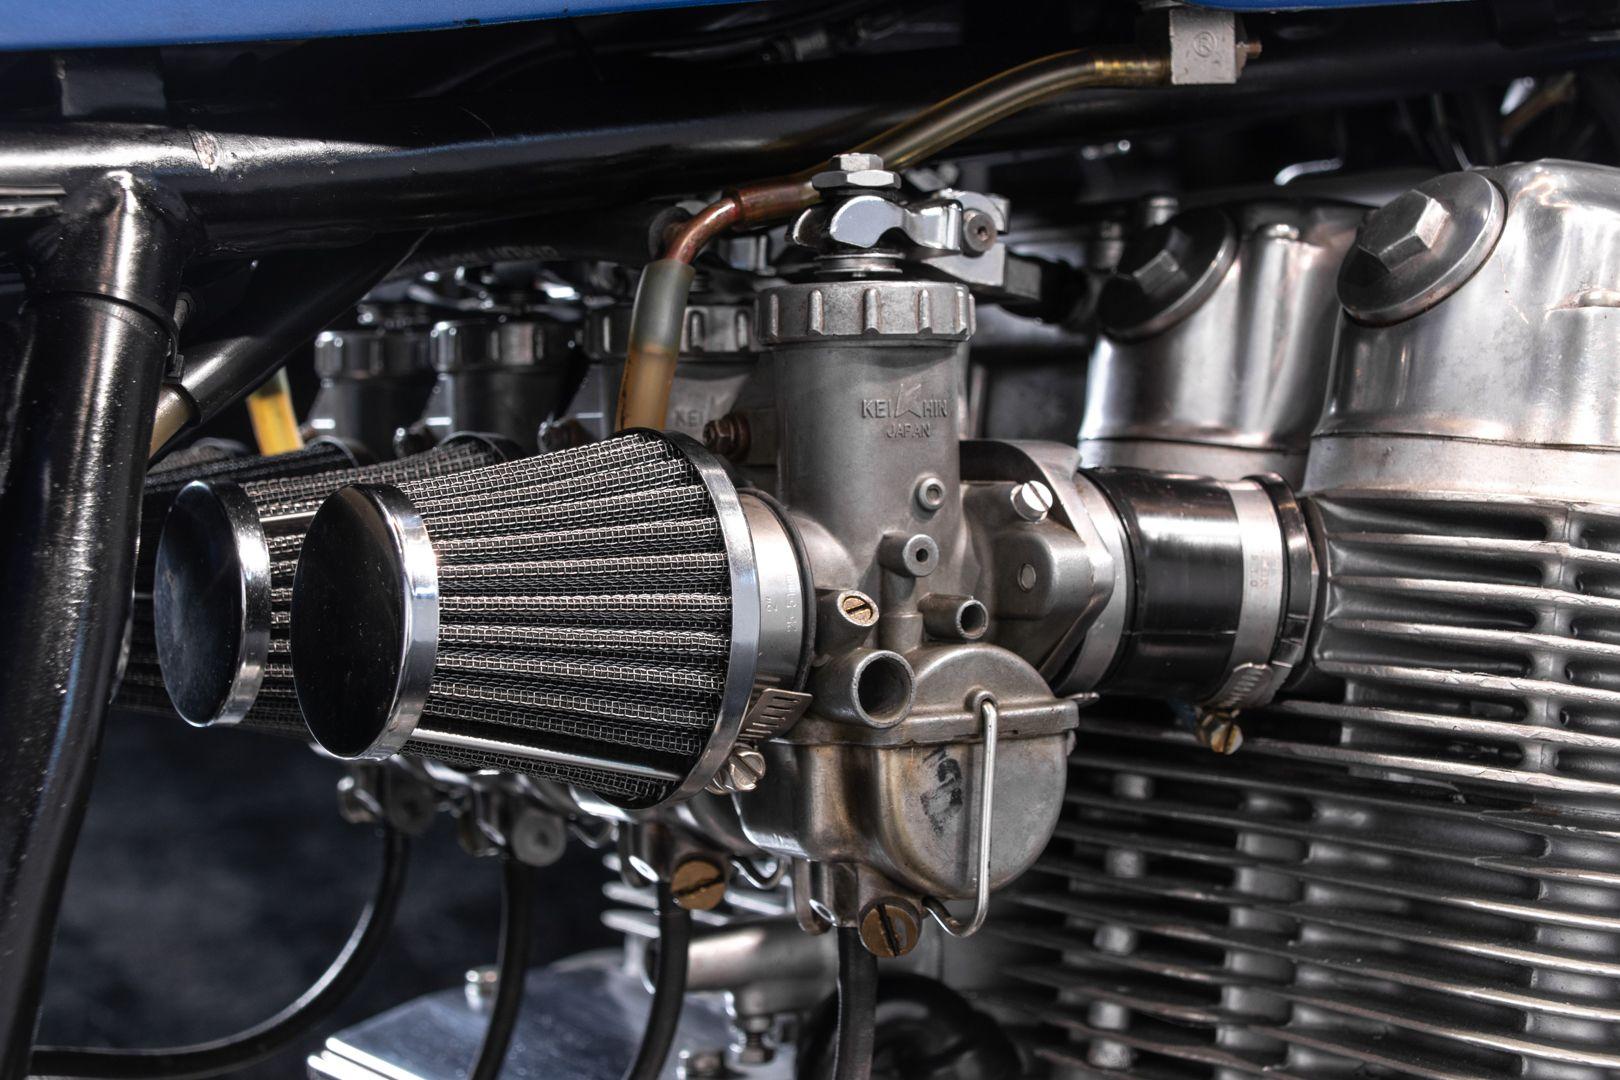 1976 Honda Four 750 Café Racer 70294